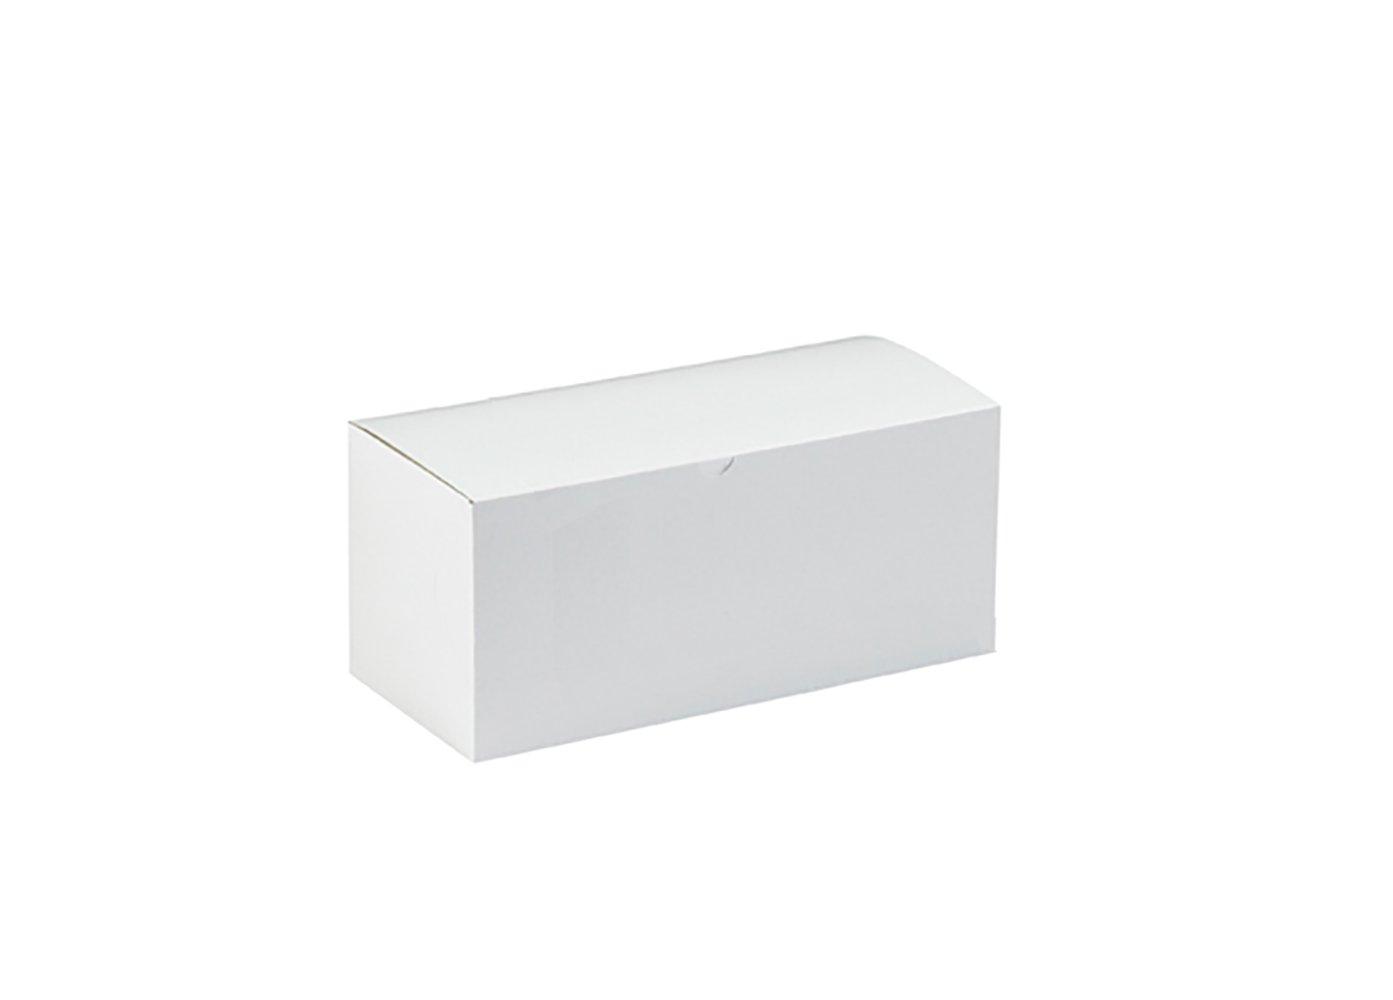 Bridalsource 38,1 x 17,8 cm weiß Kuchen Boxen, weiß, 50 Cake Boxes